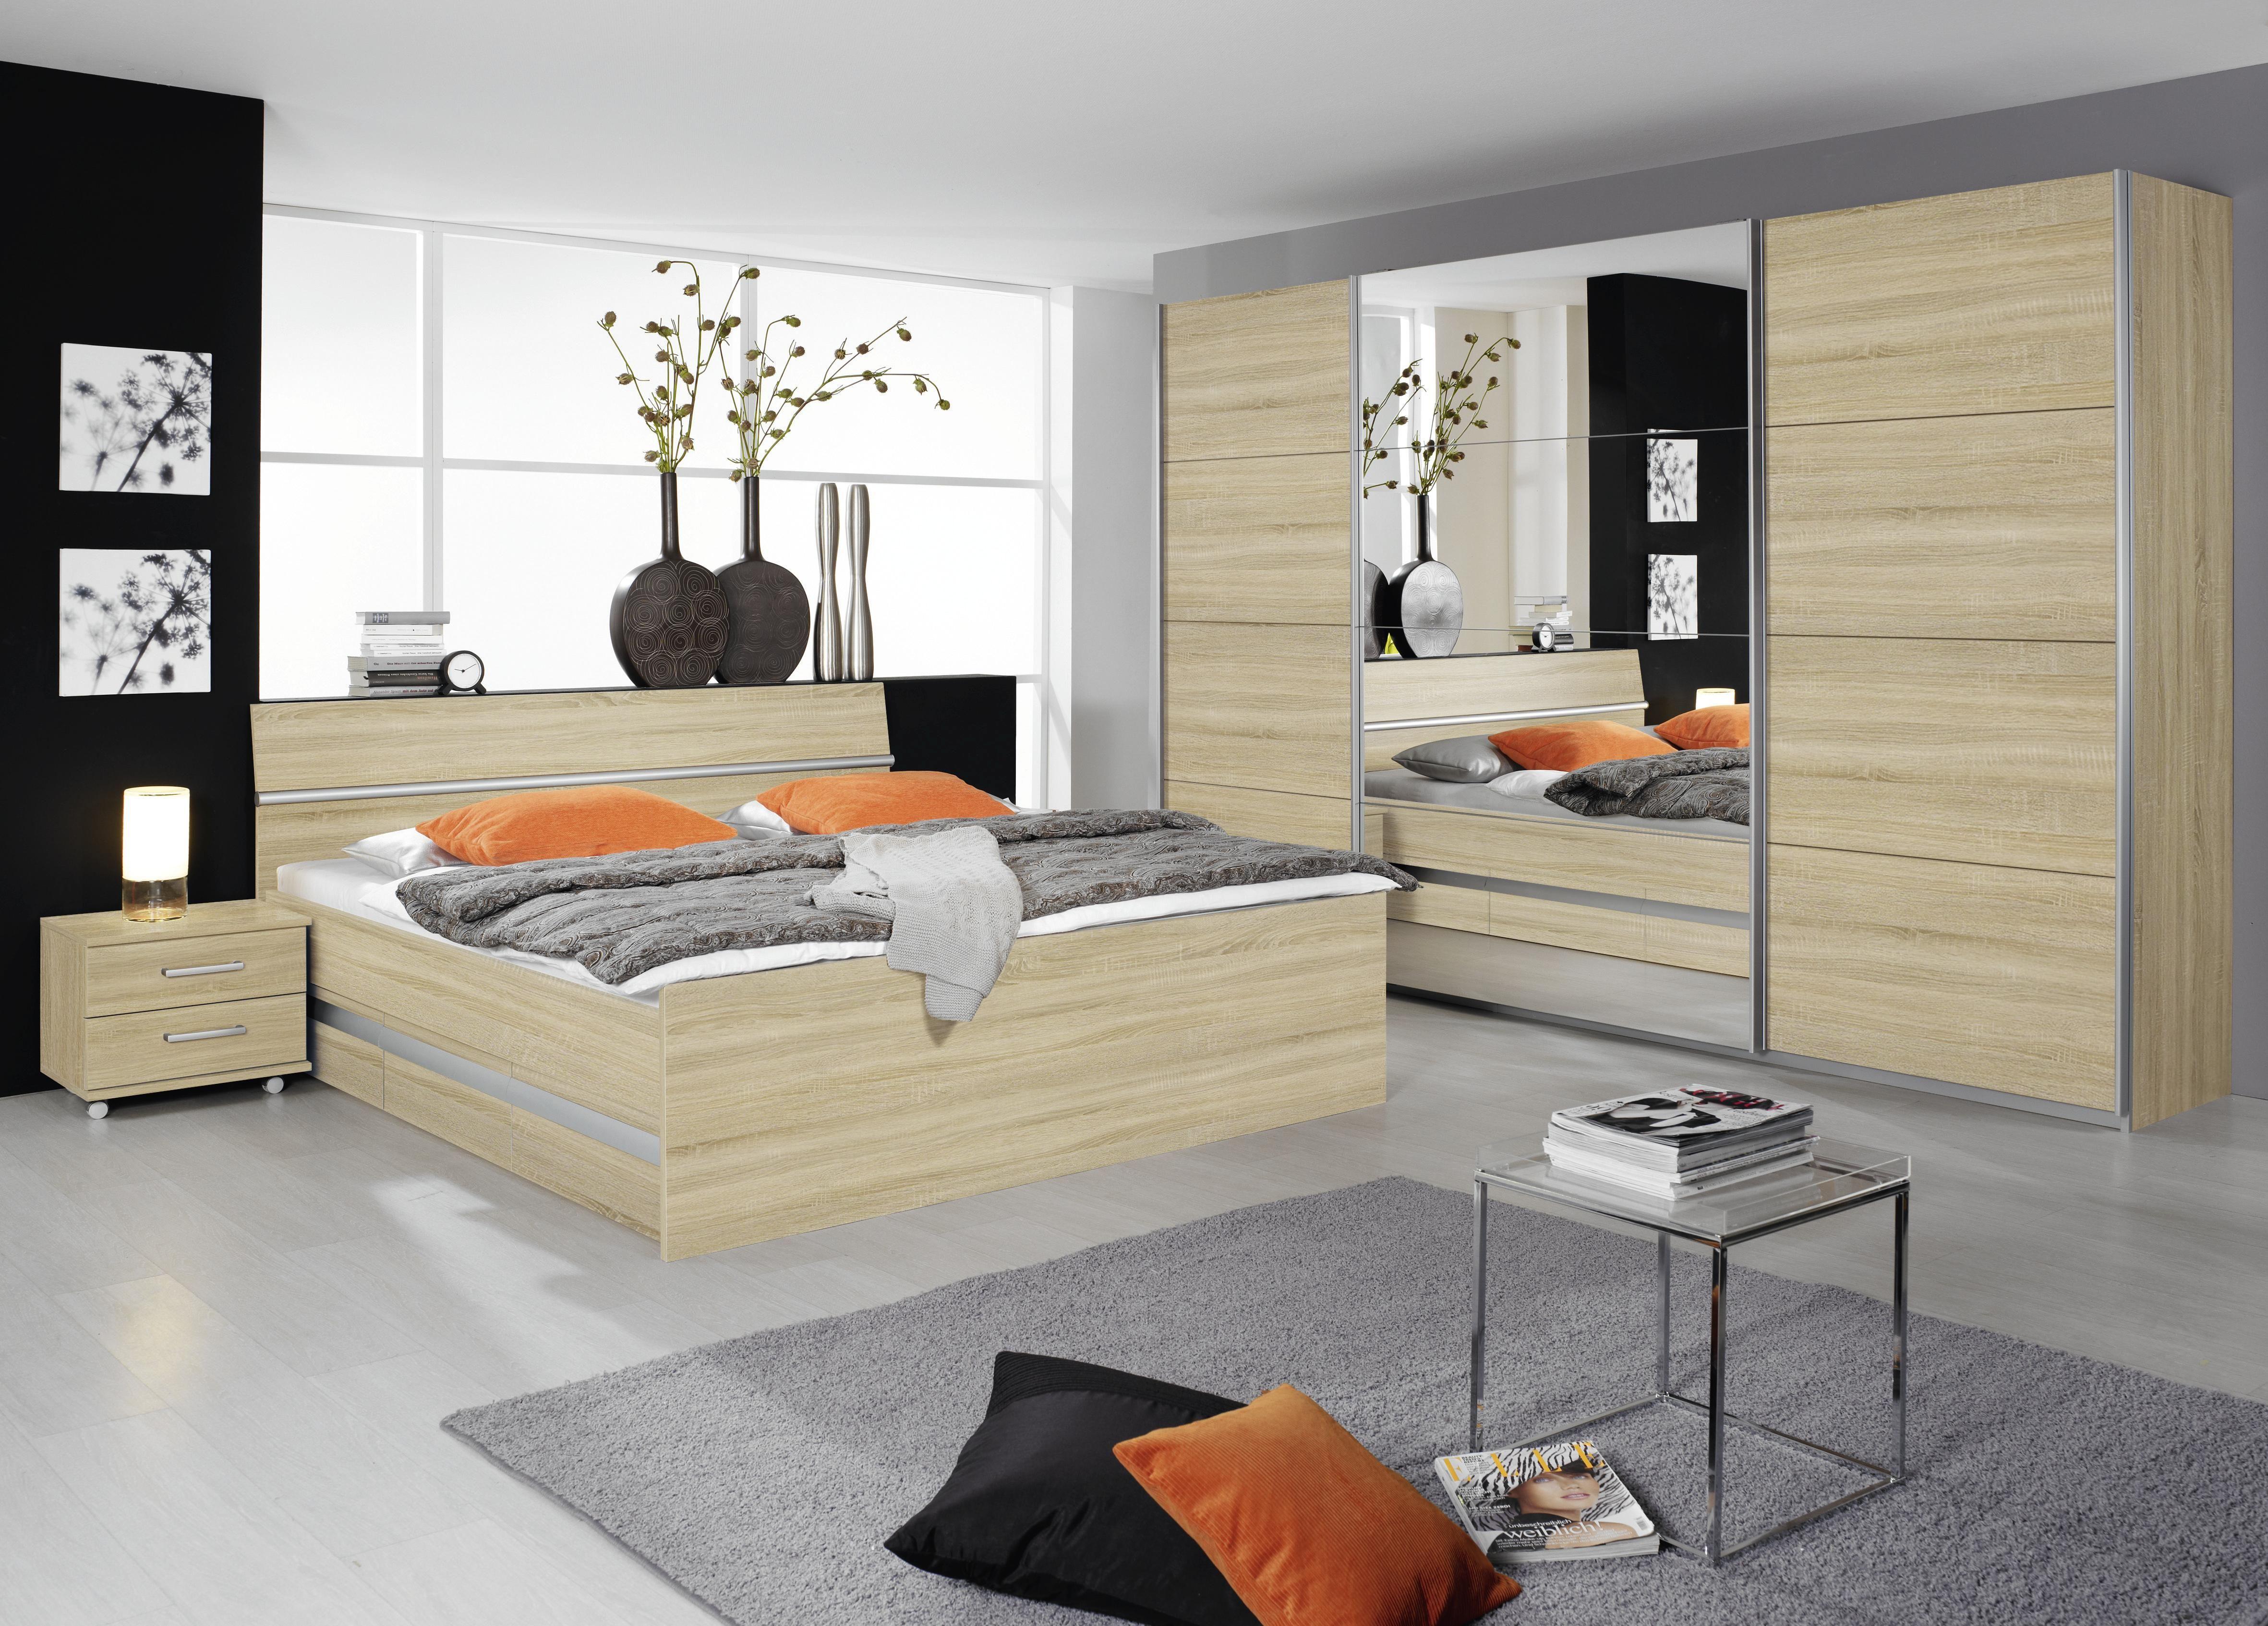 Poco Schlafzimmer Komplett Single Kuche Ikea Landhausstil Gebrauchte Eckschrank